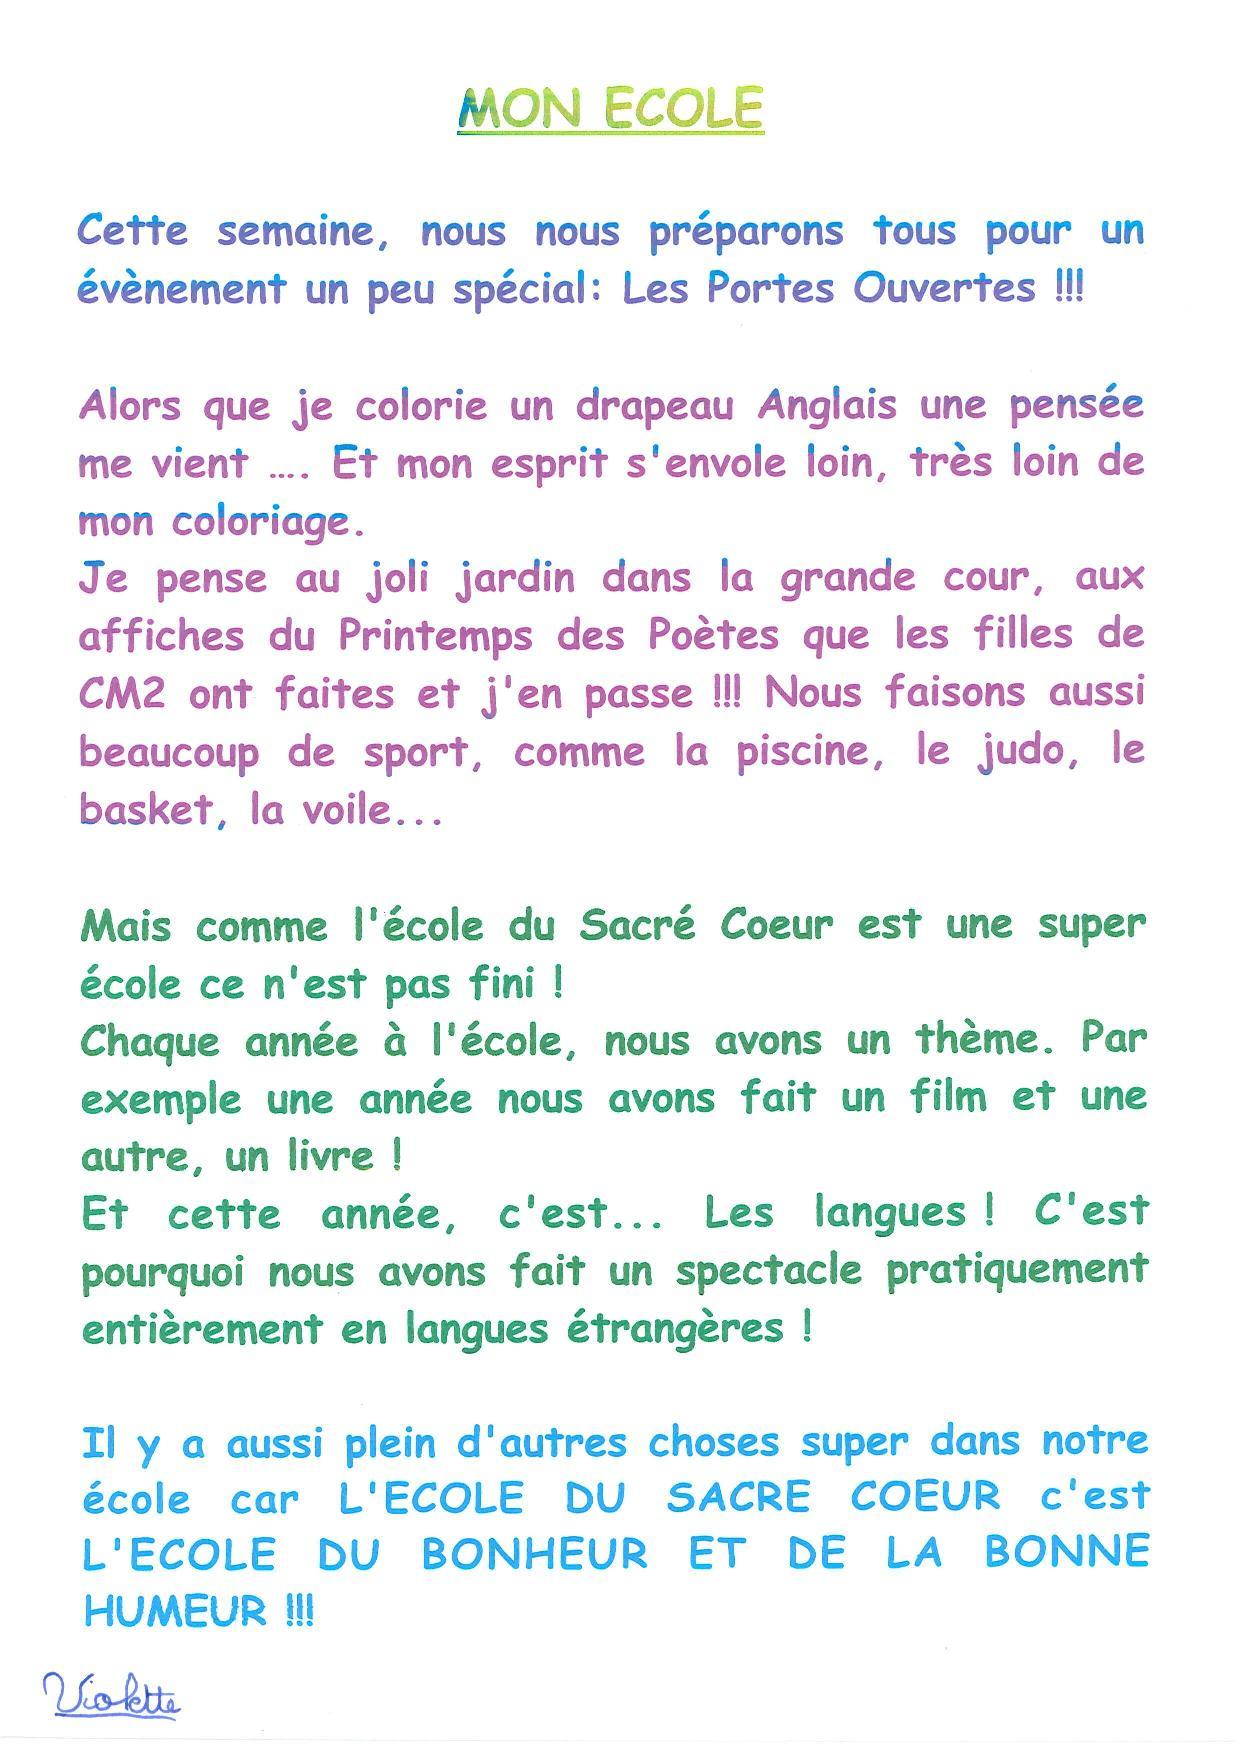 Coloriage Kermesse Ecole.Mon Ecole Textes Des Cm2